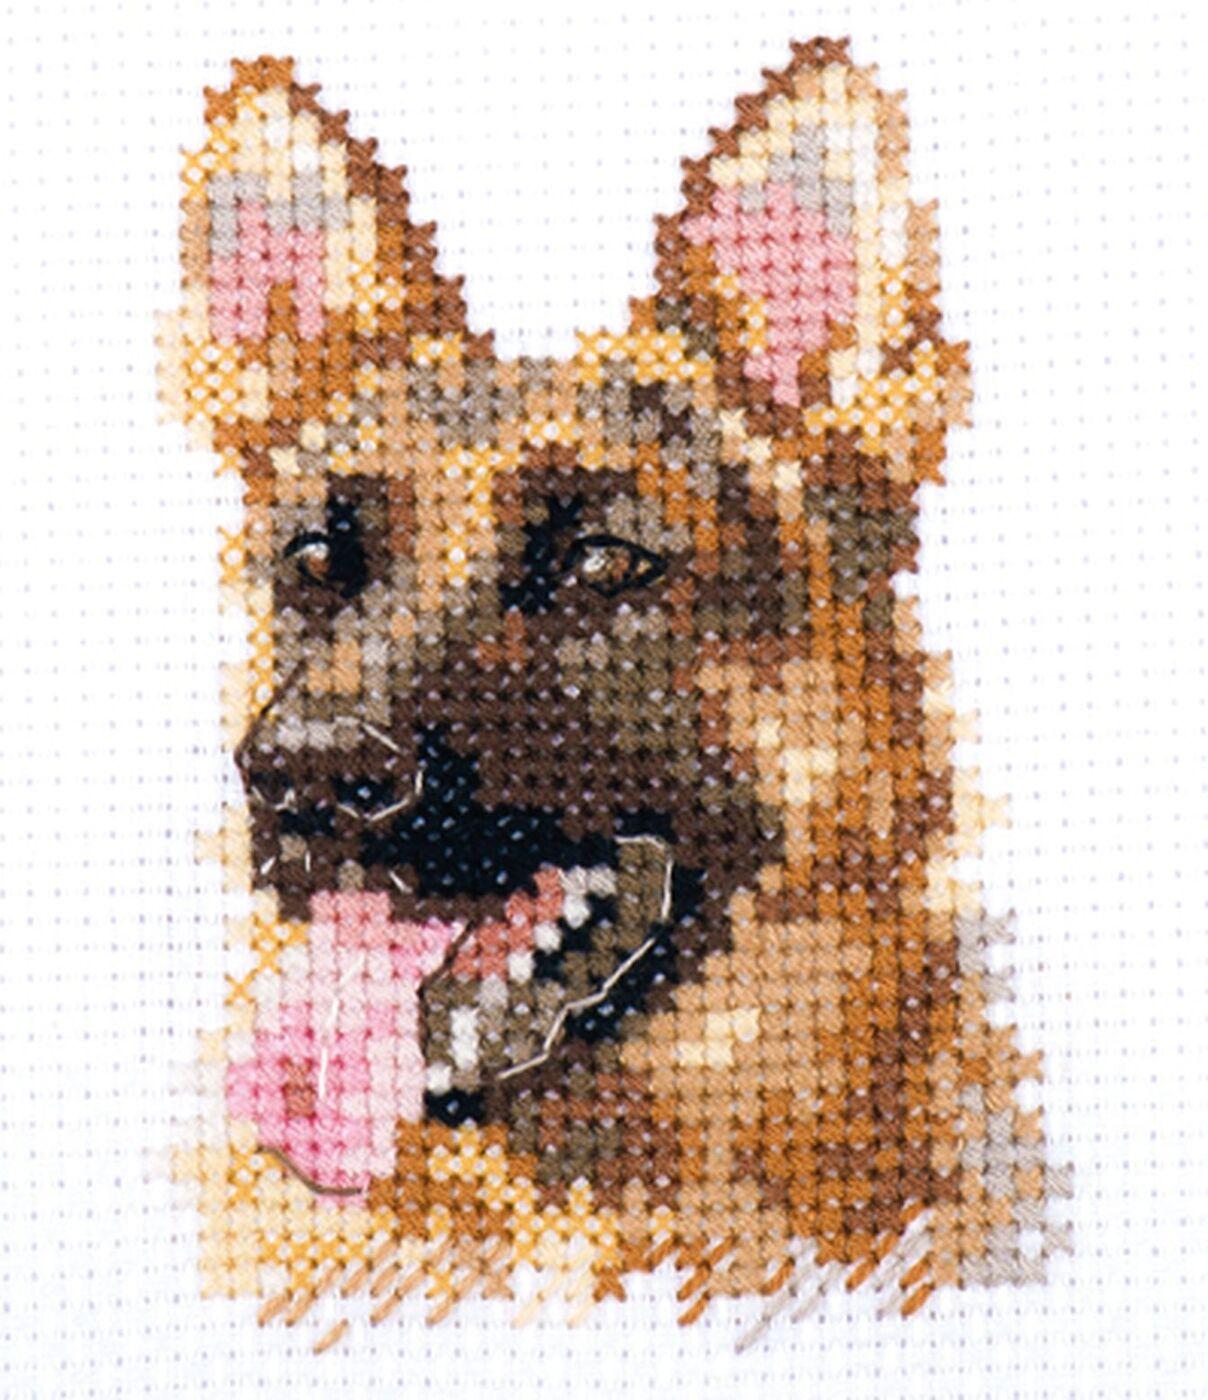 Набор для вышивания крестом Алиса Животные в портретах Овчарка, 0-209, 6 х 8 см